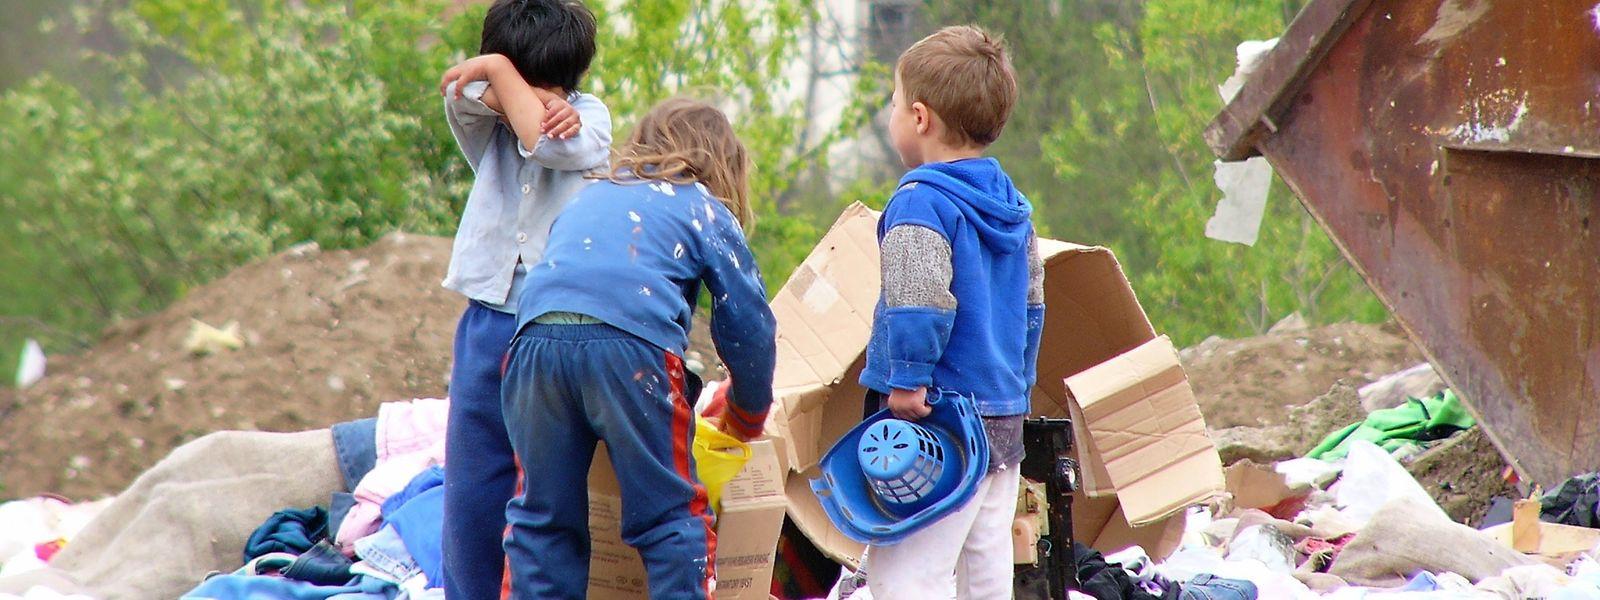 Viele Kinder müssen arbeiten, statt zur Schule zu gehen.